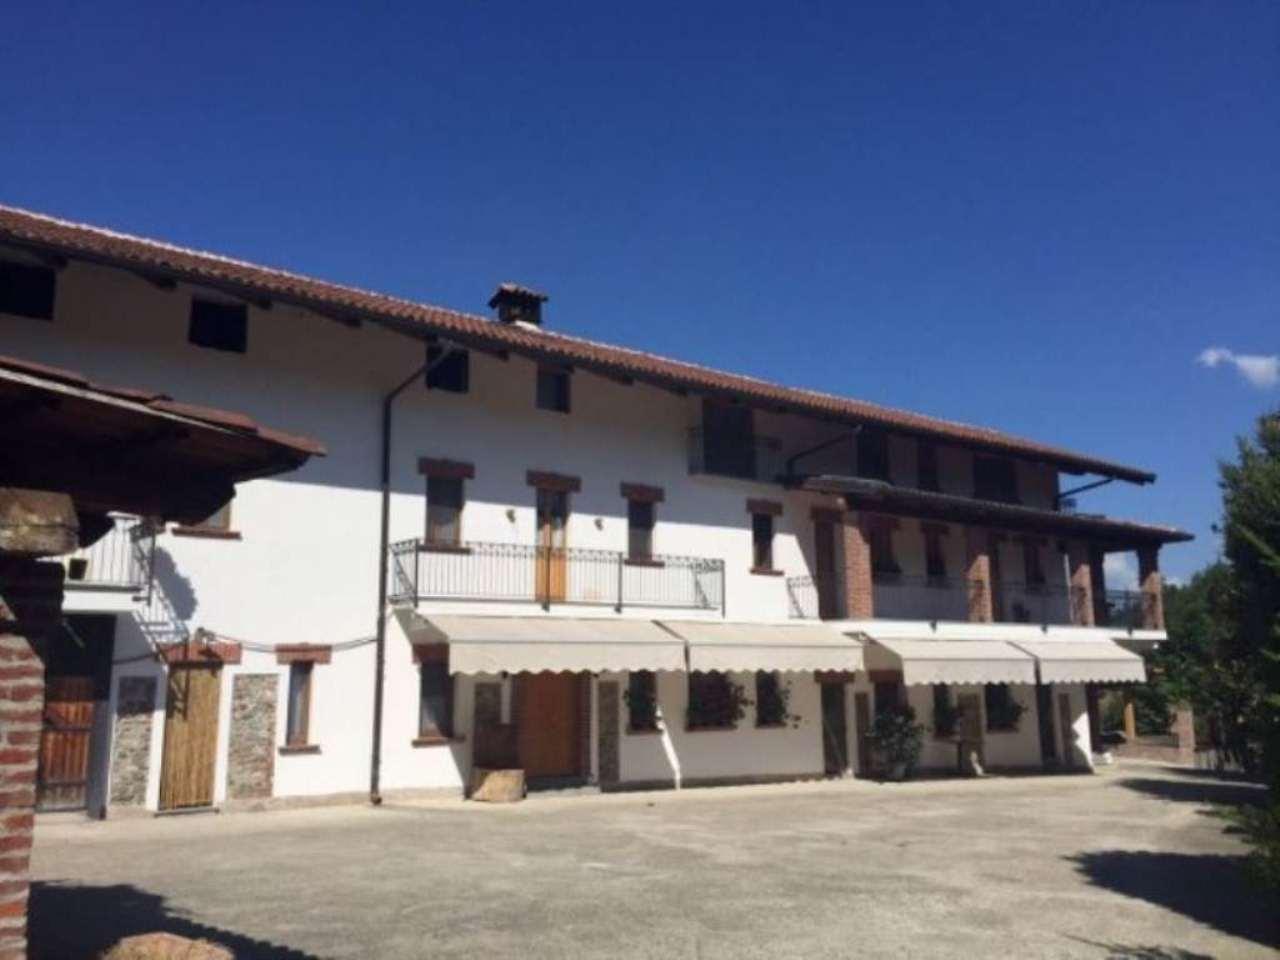 Rustico / Casale in vendita a Baldissero Torinese, 6 locali, prezzo € 700.000   Cambio Casa.it